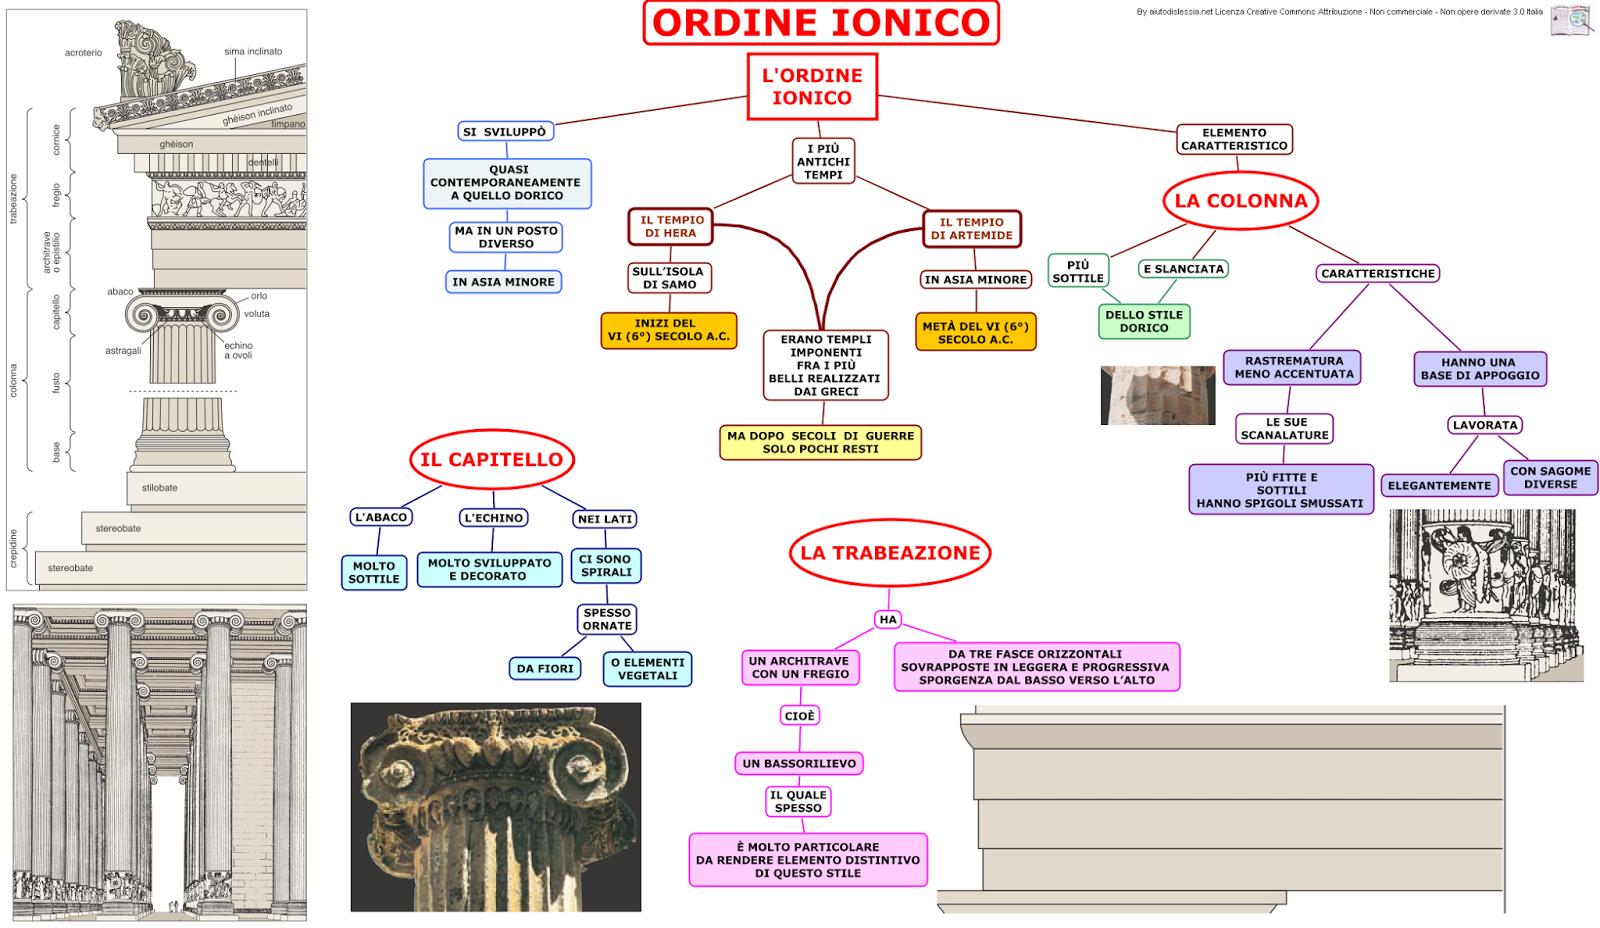 Studioarte2 ordine dorico mappa concettuale - Pianeta casa san giuliano milanese ...